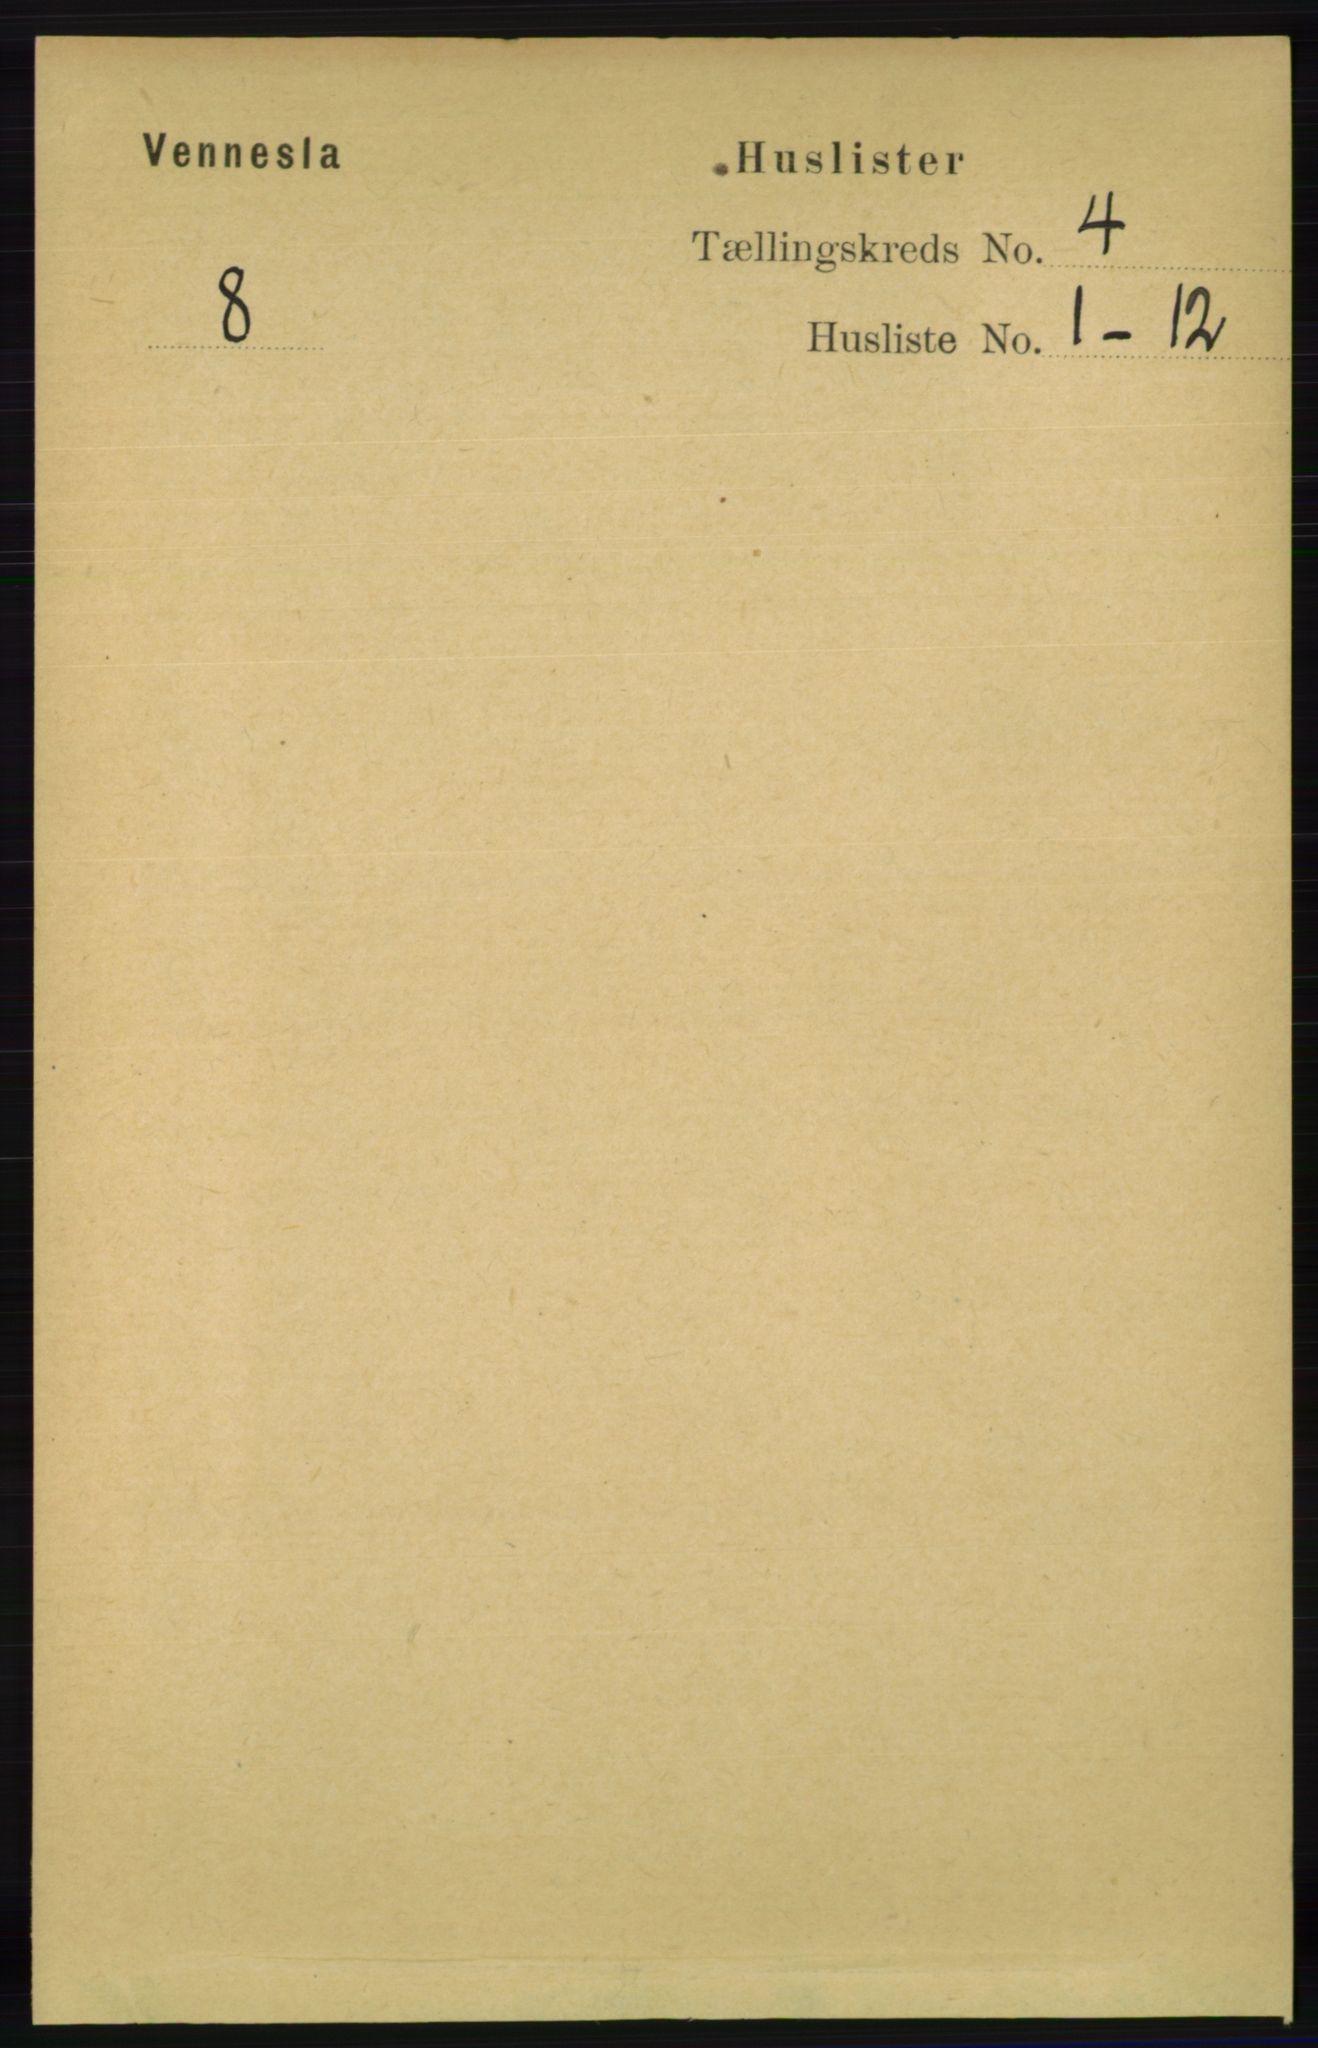 RA, Folketelling 1891 for 1014 Vennesla herred, 1891, s. 835